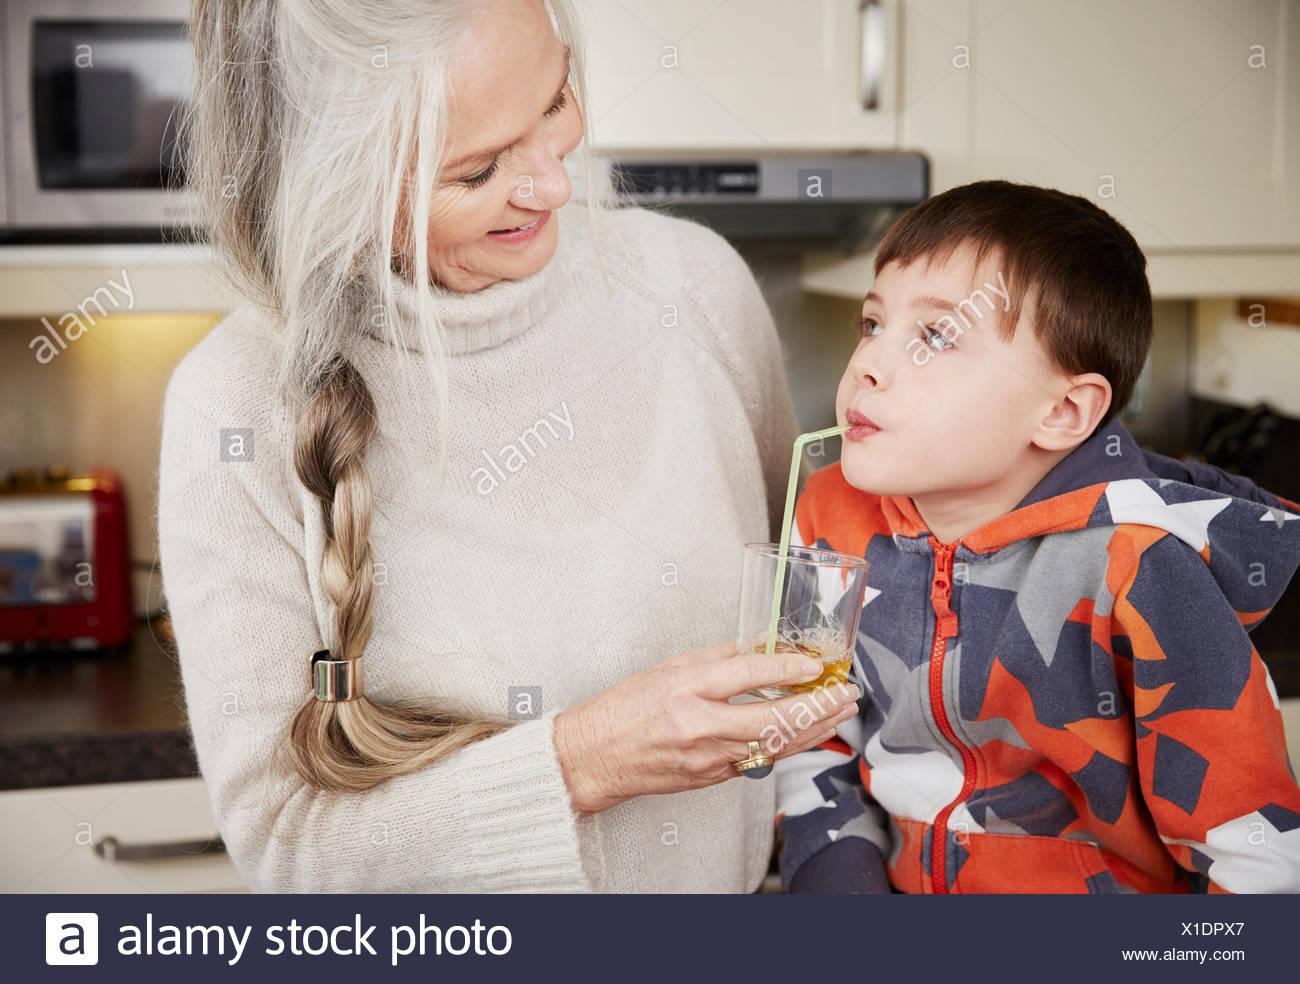 Grandmother offering grandson drink - Stock Image